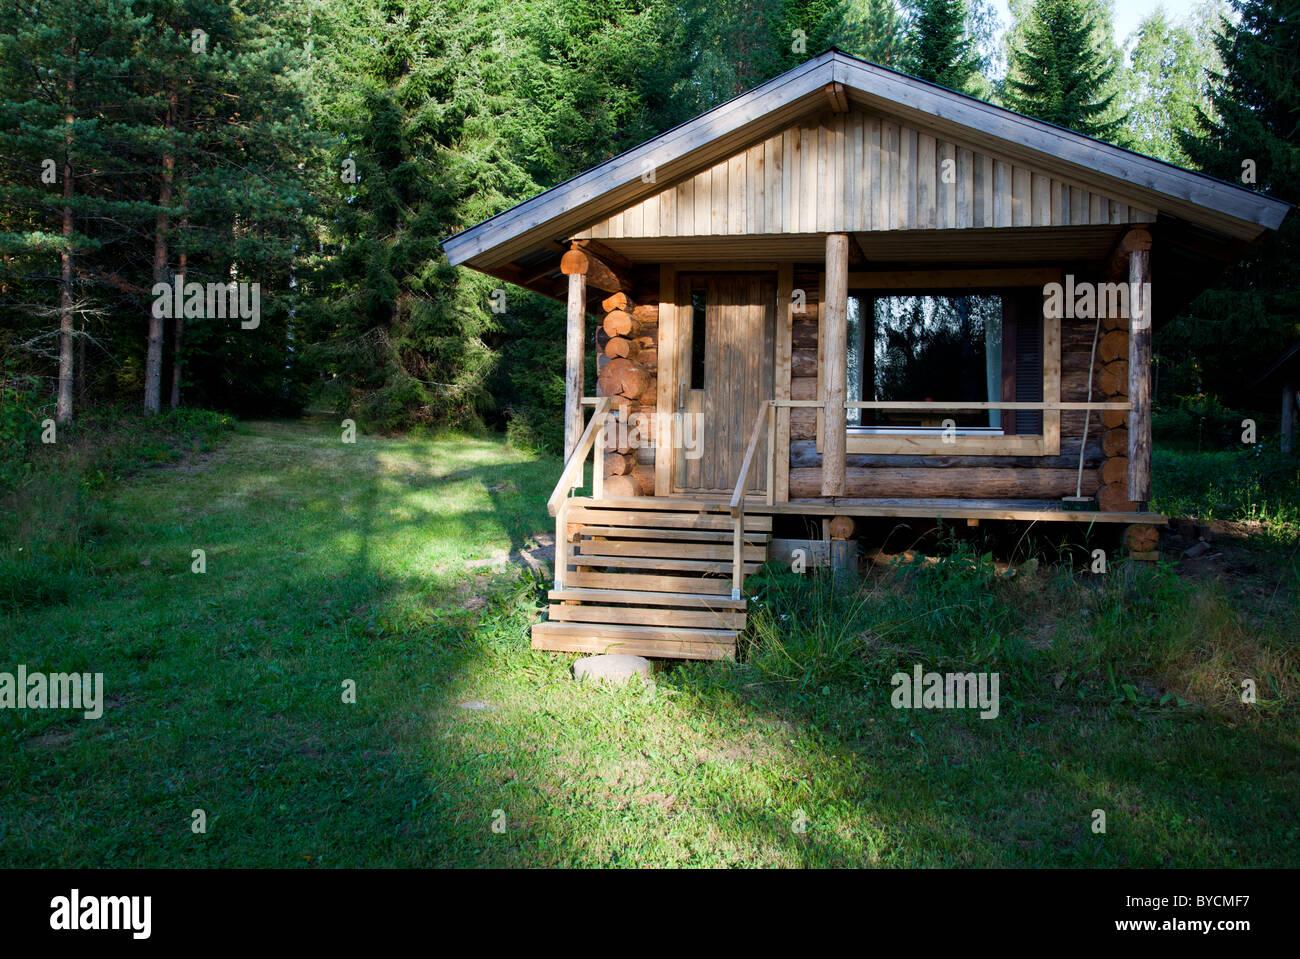 5f5ed5e90f Piccola cabina , fatto di registri di abete , nella foresta , Finlandia